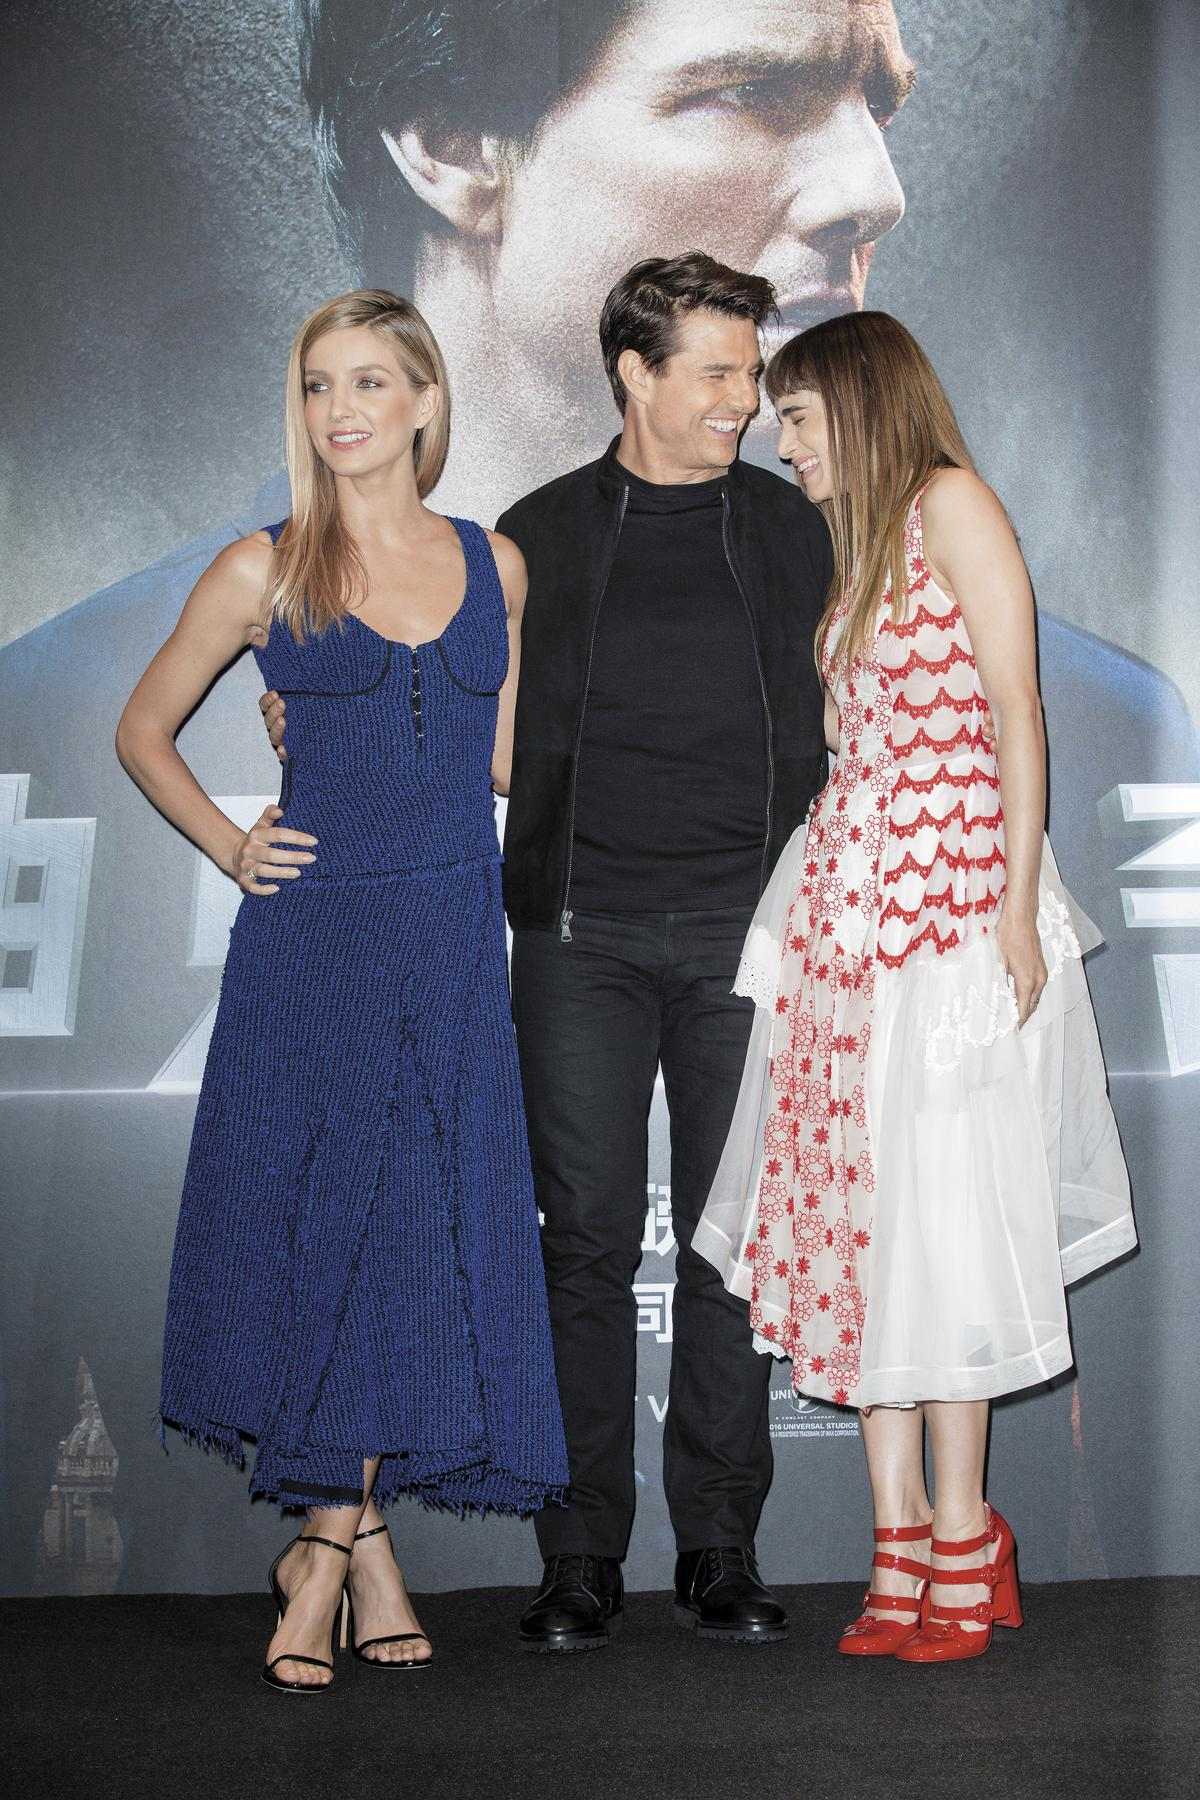 湯姆克魯斯(中)帶2位女主角蘇菲亞波提拉(右)和安娜貝爾瓦莉絲(左)來台宣傳,阿湯哥明顯和蘇菲亞交情不錯,不時會捕捉到兩人講悄悄話的畫面。